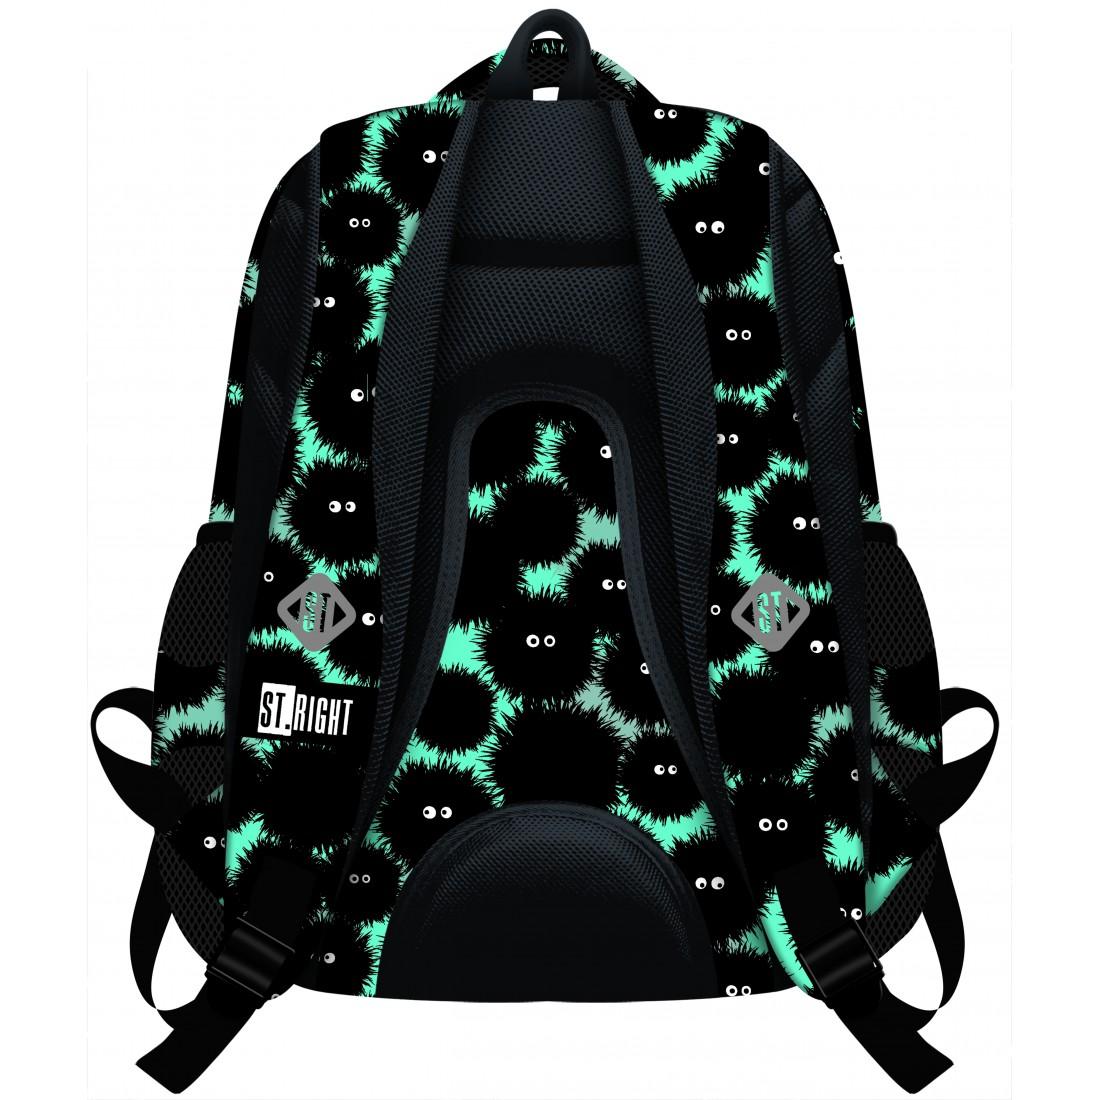 379cbc0af219f RIGHT MONSTERS czarne potwory - BP07  Plecak szkolny ST.RIGHT MONSTERS  czarne potwory - BP07